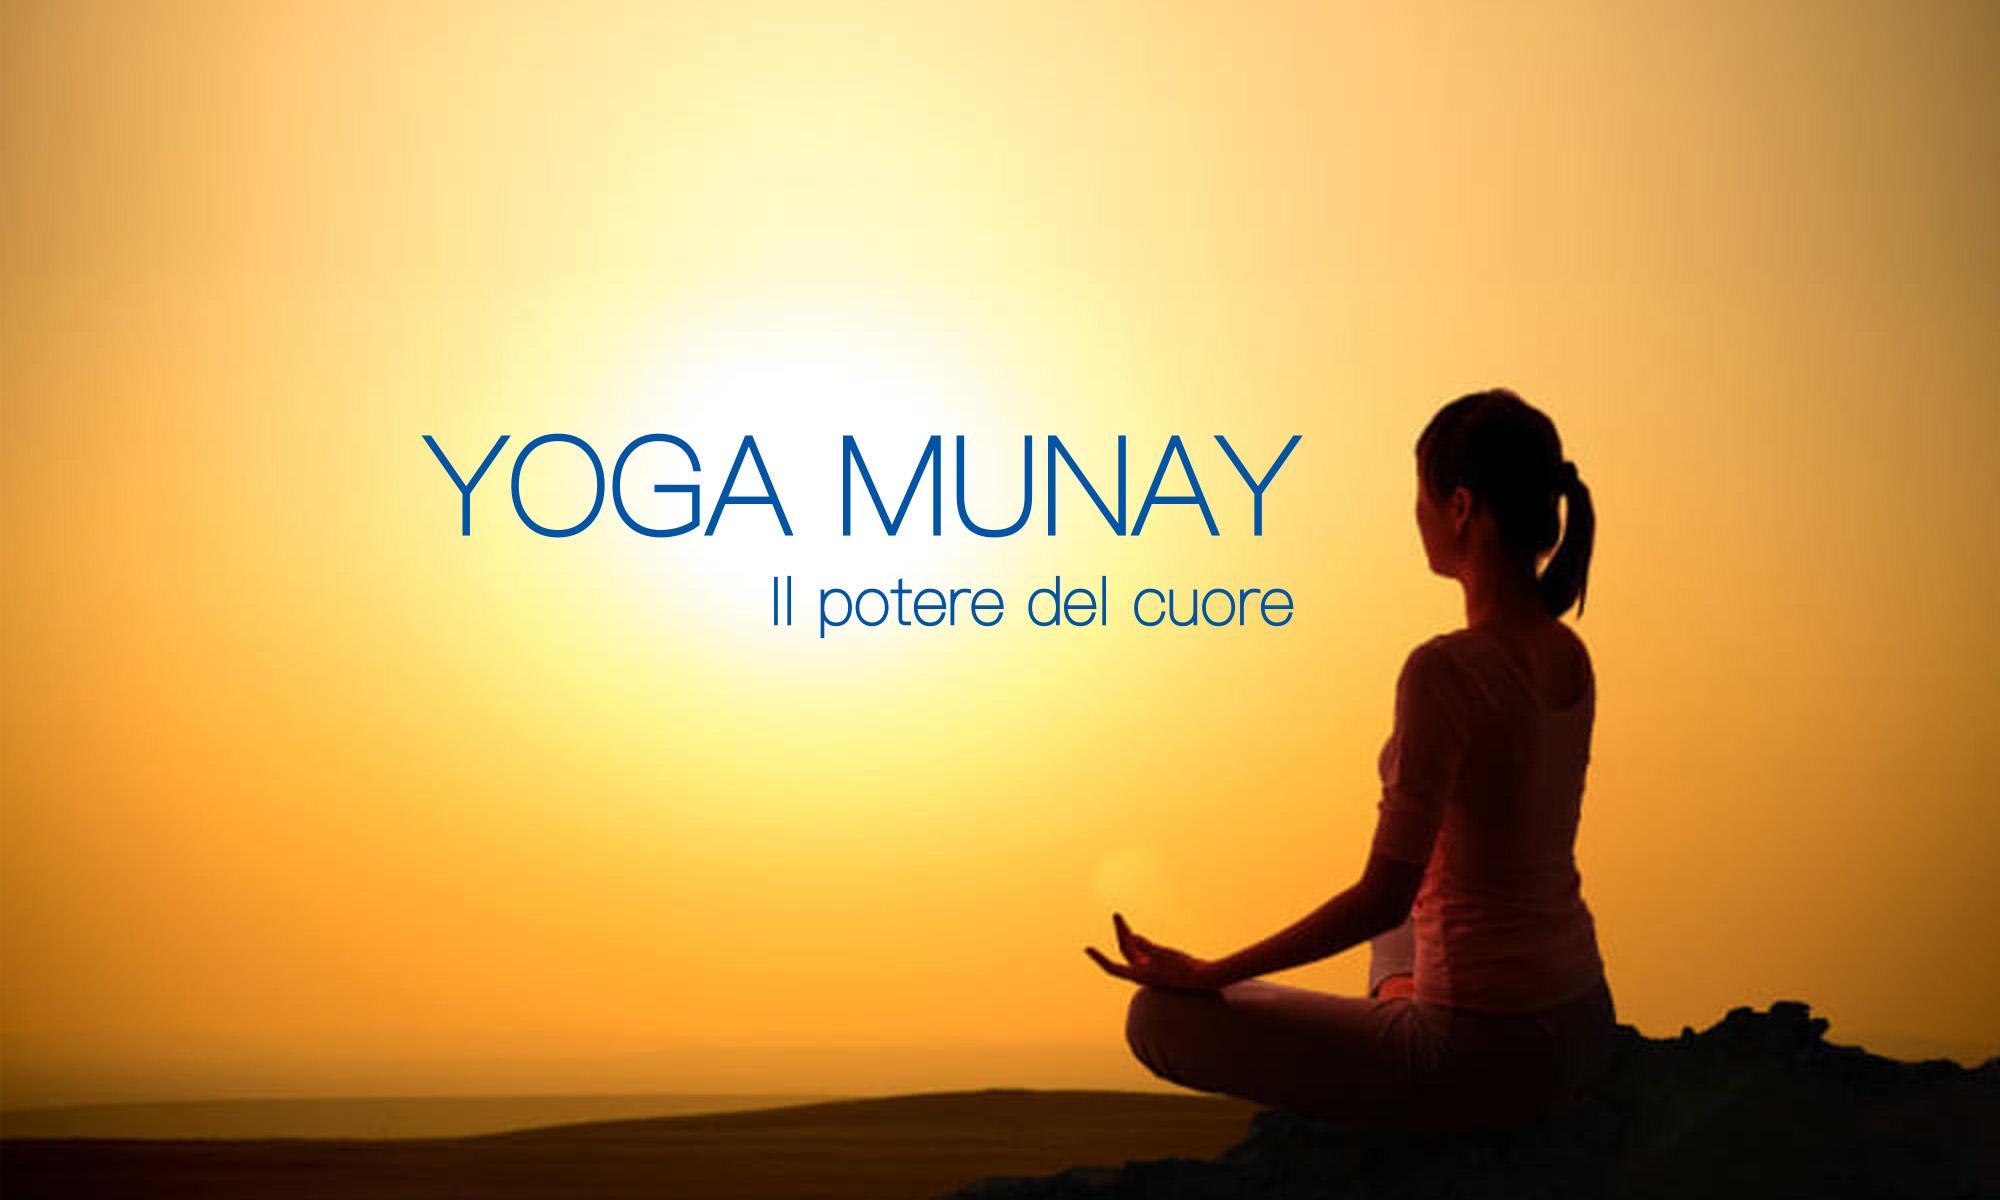 Yoga Munay